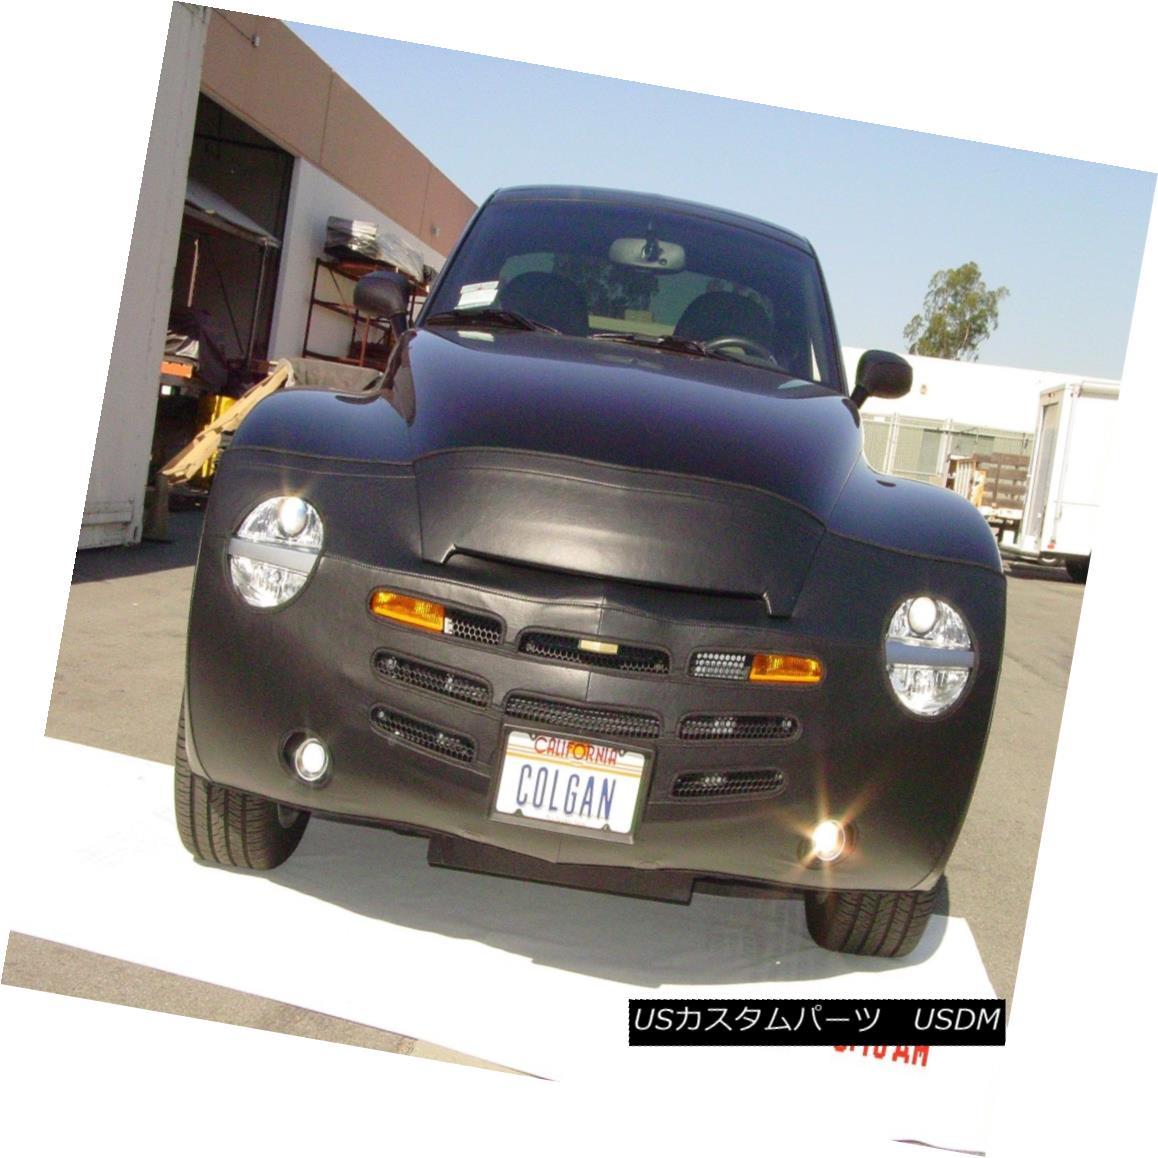 フルブラ ノーズブラ Colgan 2pc. Mask Bra + Mirror Covers Fits 2004-2006 Chevy SSR W/ License Plate コルガン2個。 マスクブラジャー+ミラーカバーは2004-2006シボレーSSR W /ナンバープレートに適合